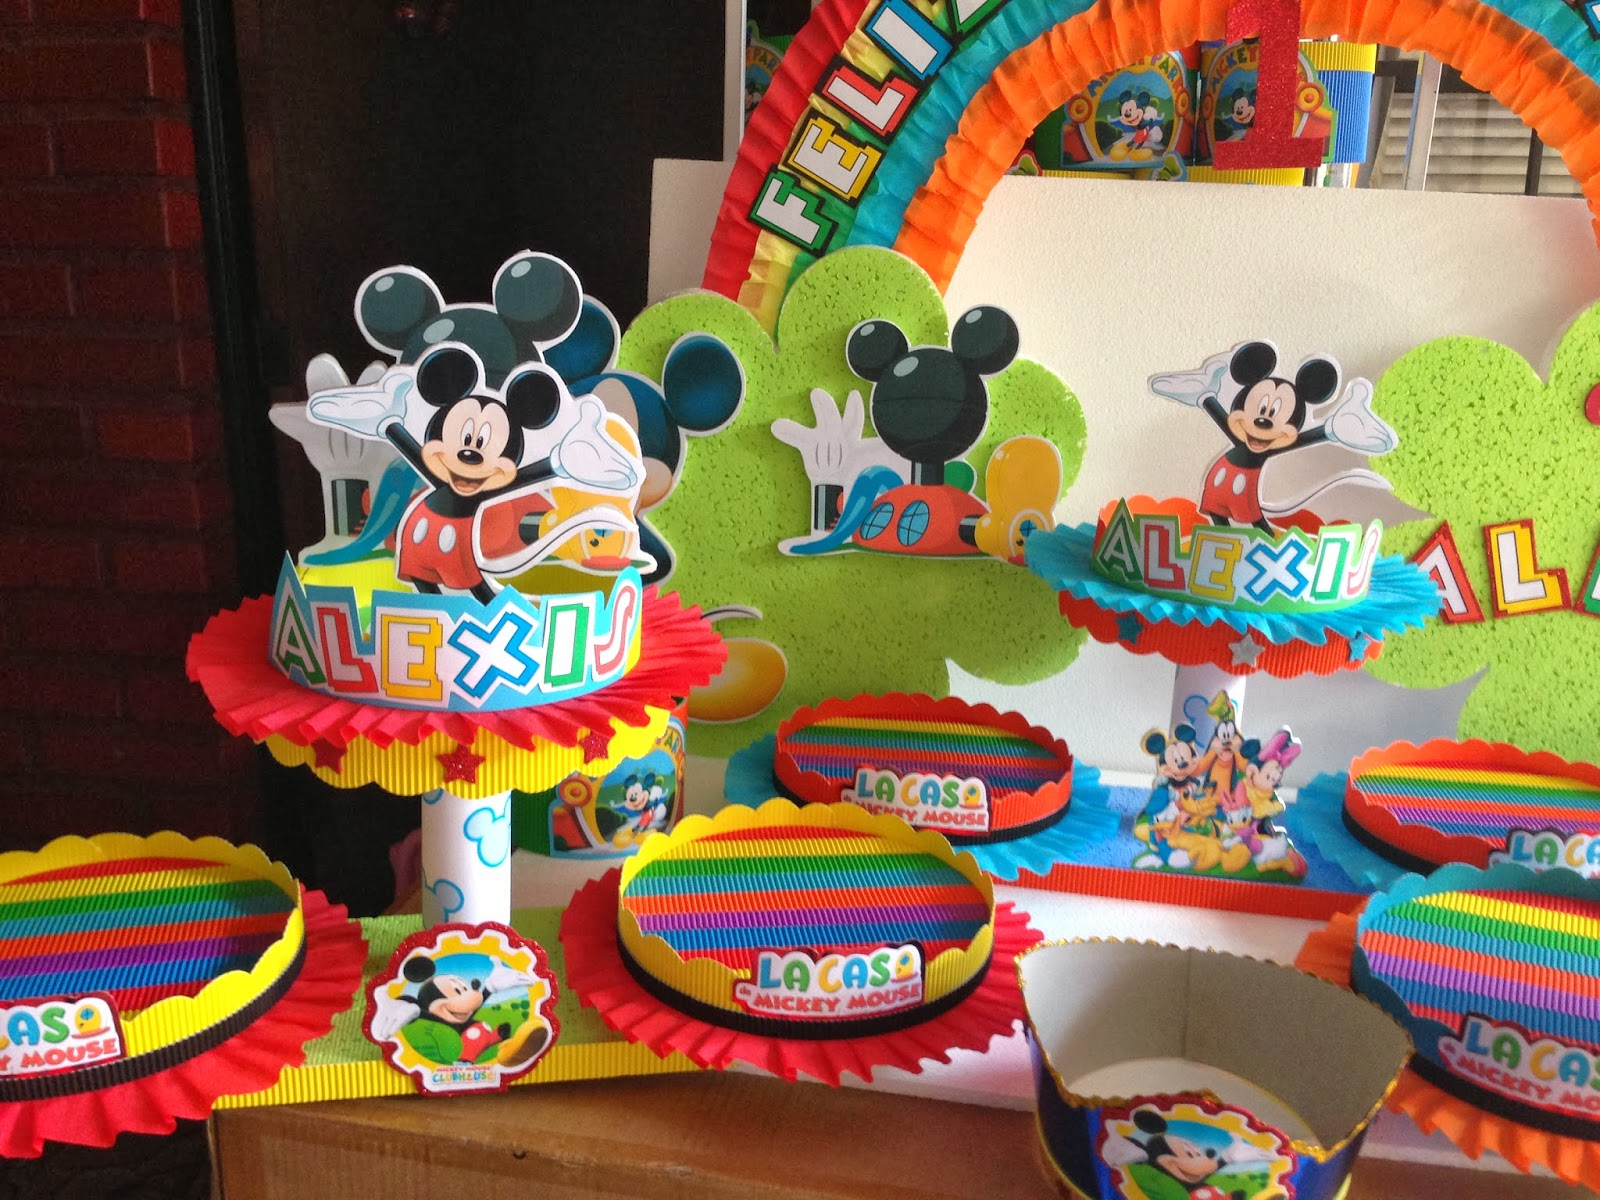 decoraciones infantiles la casa de mickey mouse On decoracion la casa de mickey mouse